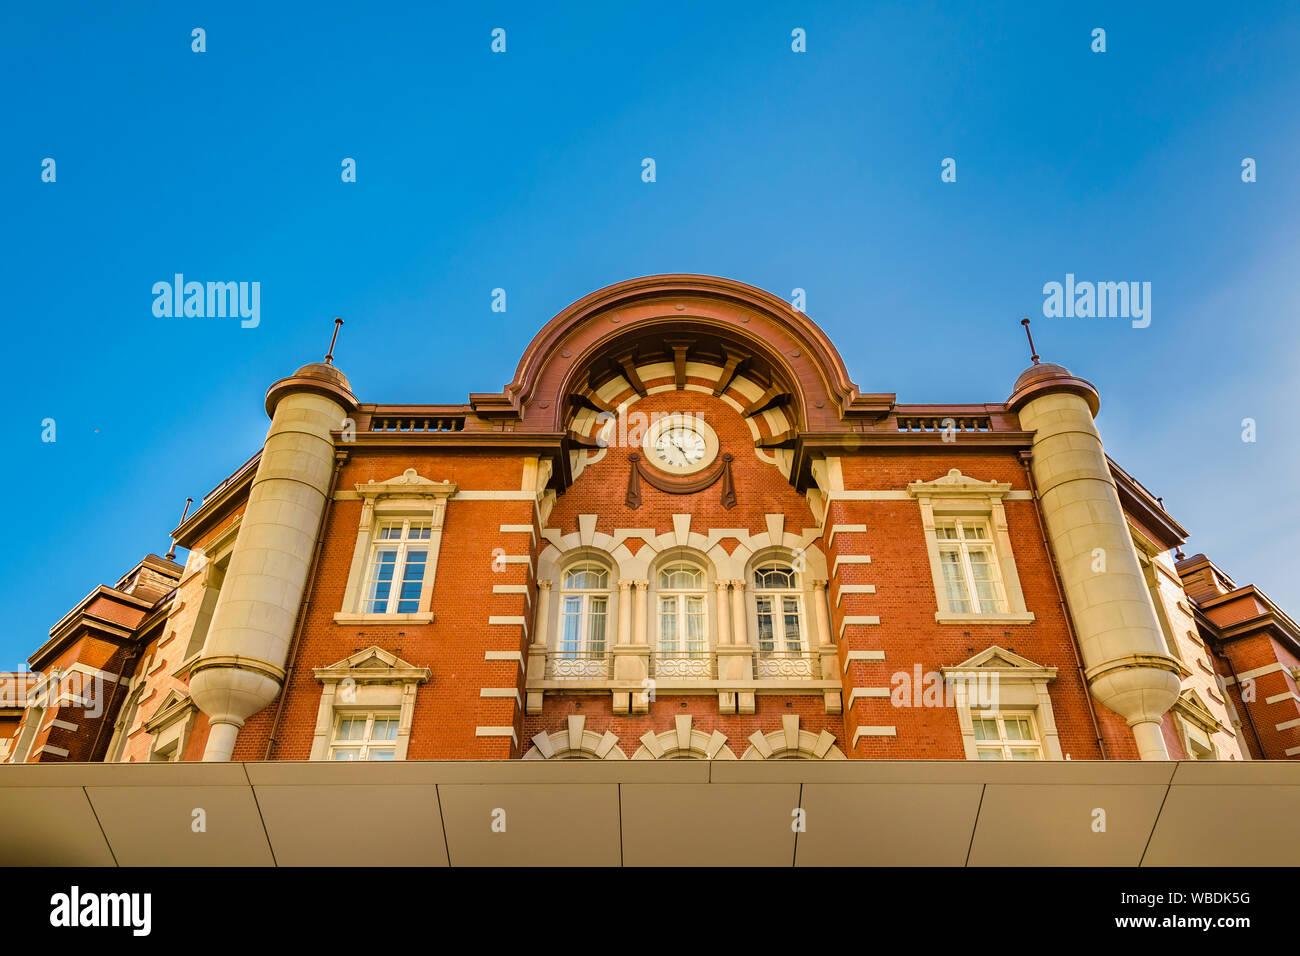 Vue détaillée de l'angle faible façade de bâtiment de style ancien célèbre la gare de Tokyo, Japon Banque D'Images